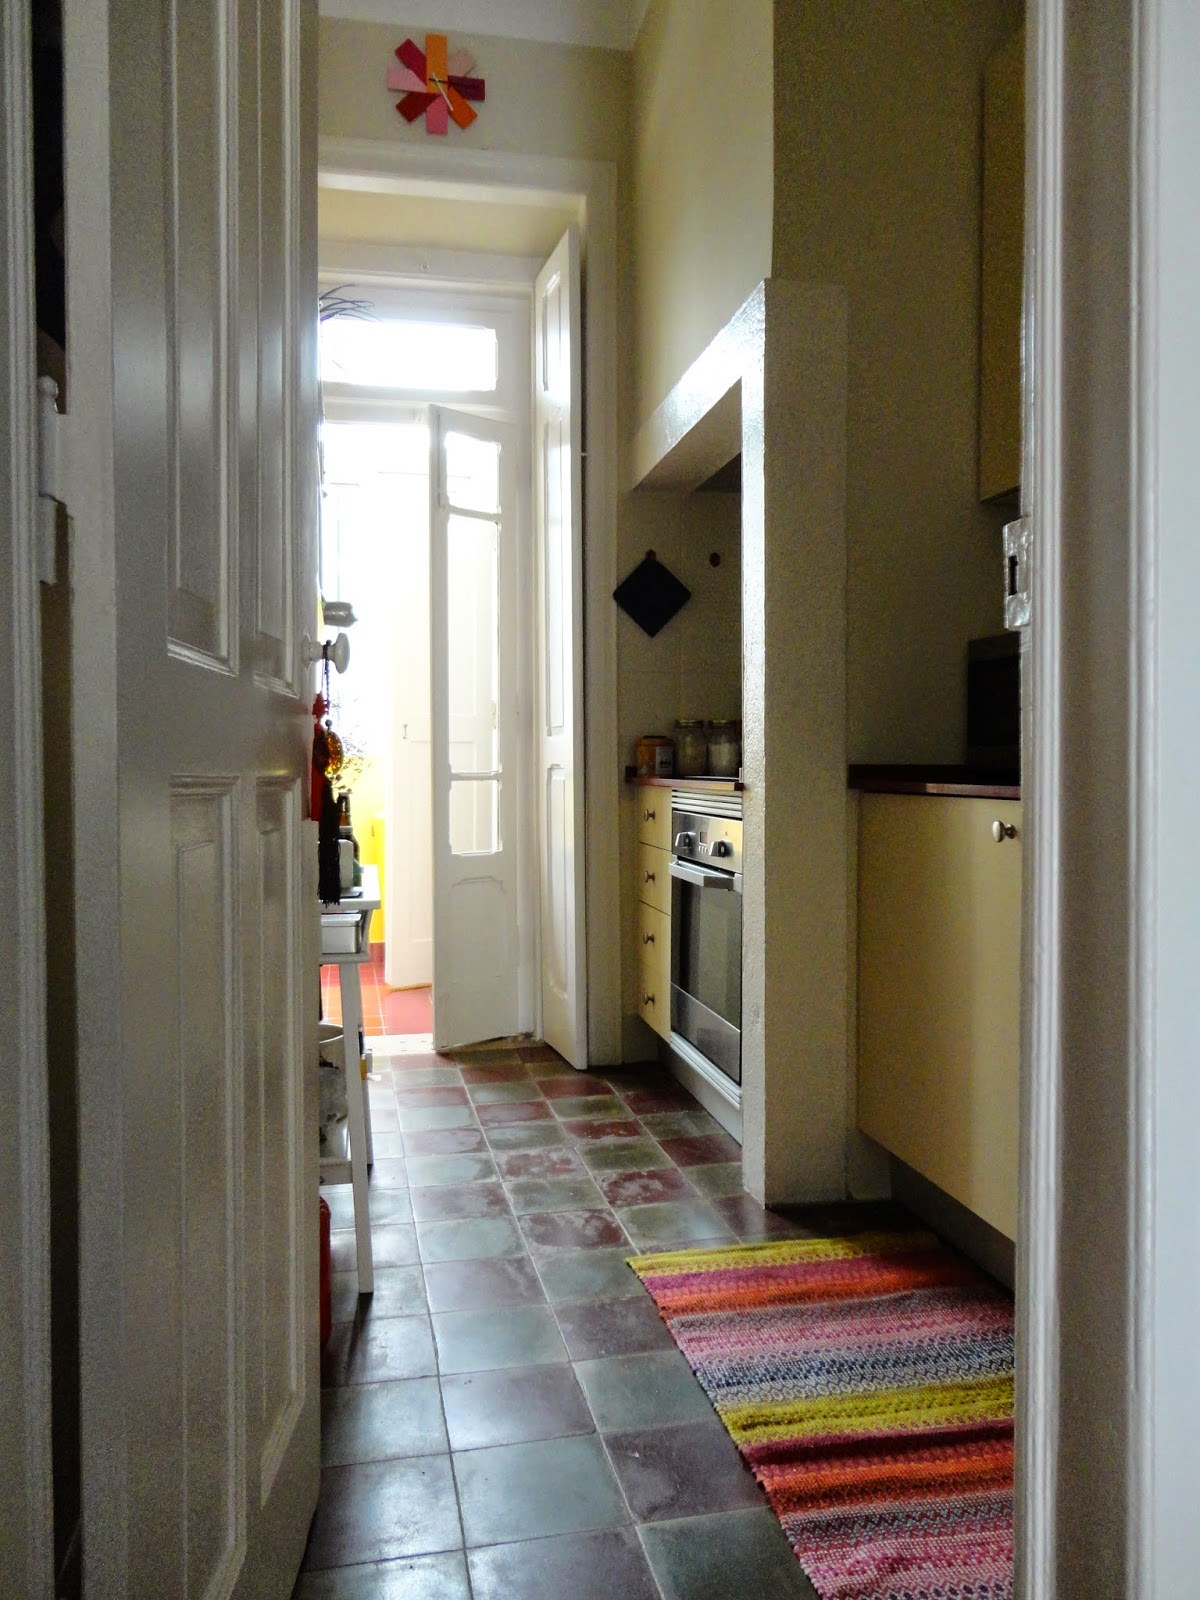 Sempre gostei das cozinhas com o traço original, neste caso não é só o chão mas a grande chaminé.